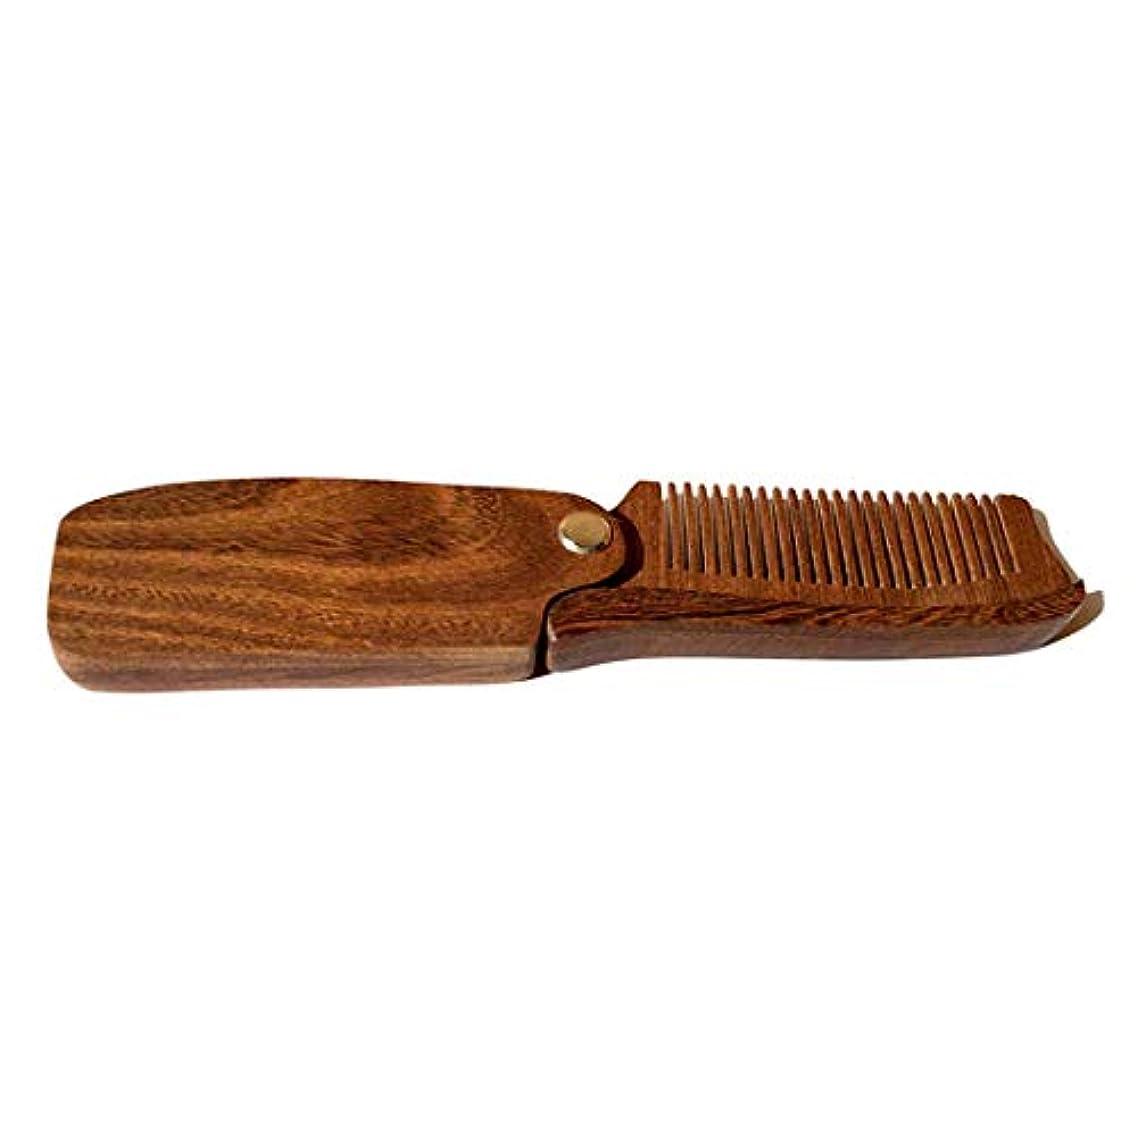 考古学出席近代化キャリーケース付き折りたたみ木製くし男性の髪、ひげと口ひげのスタイリングくし - ポケットサイズ、耐久性、帯電防止白檀のくし ヘアケア (色 : Wood color)